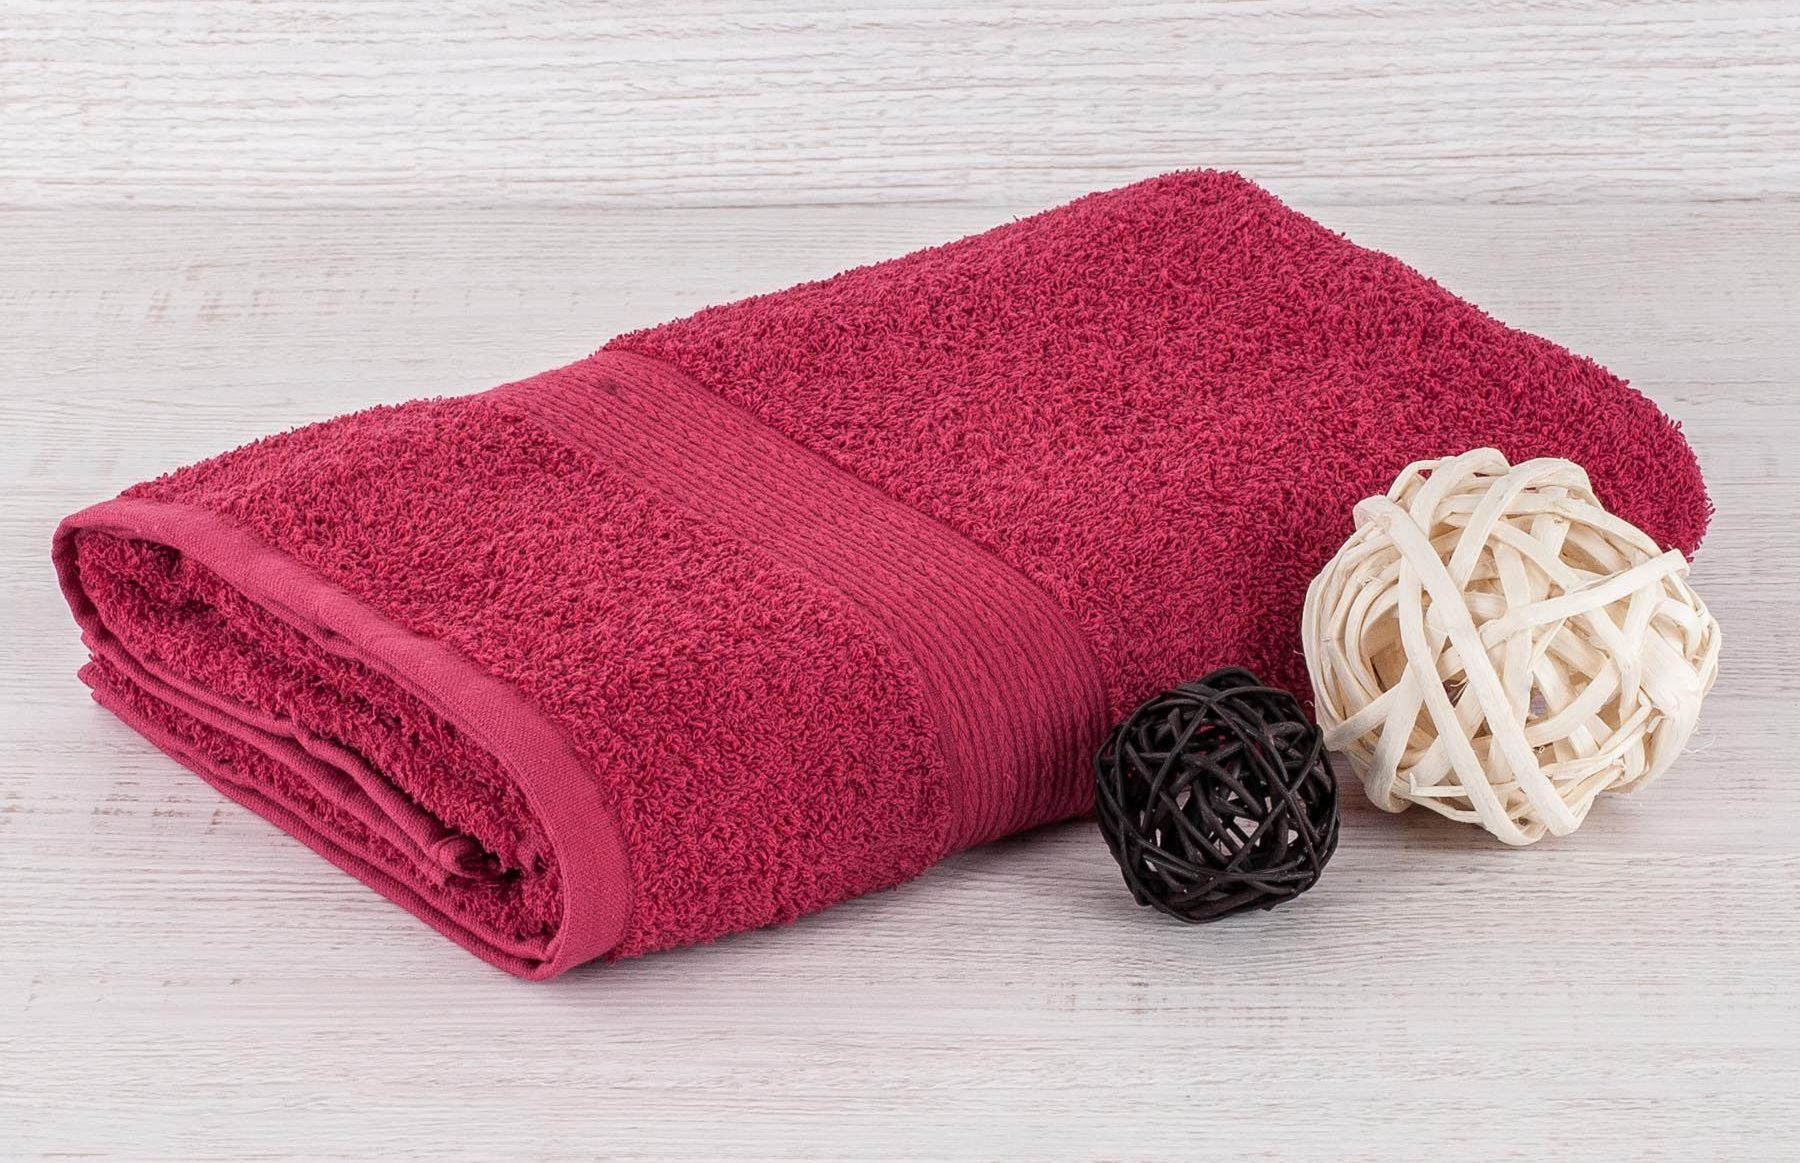 Как сделать махровые полотенца мягкими и пушистыми фото 349